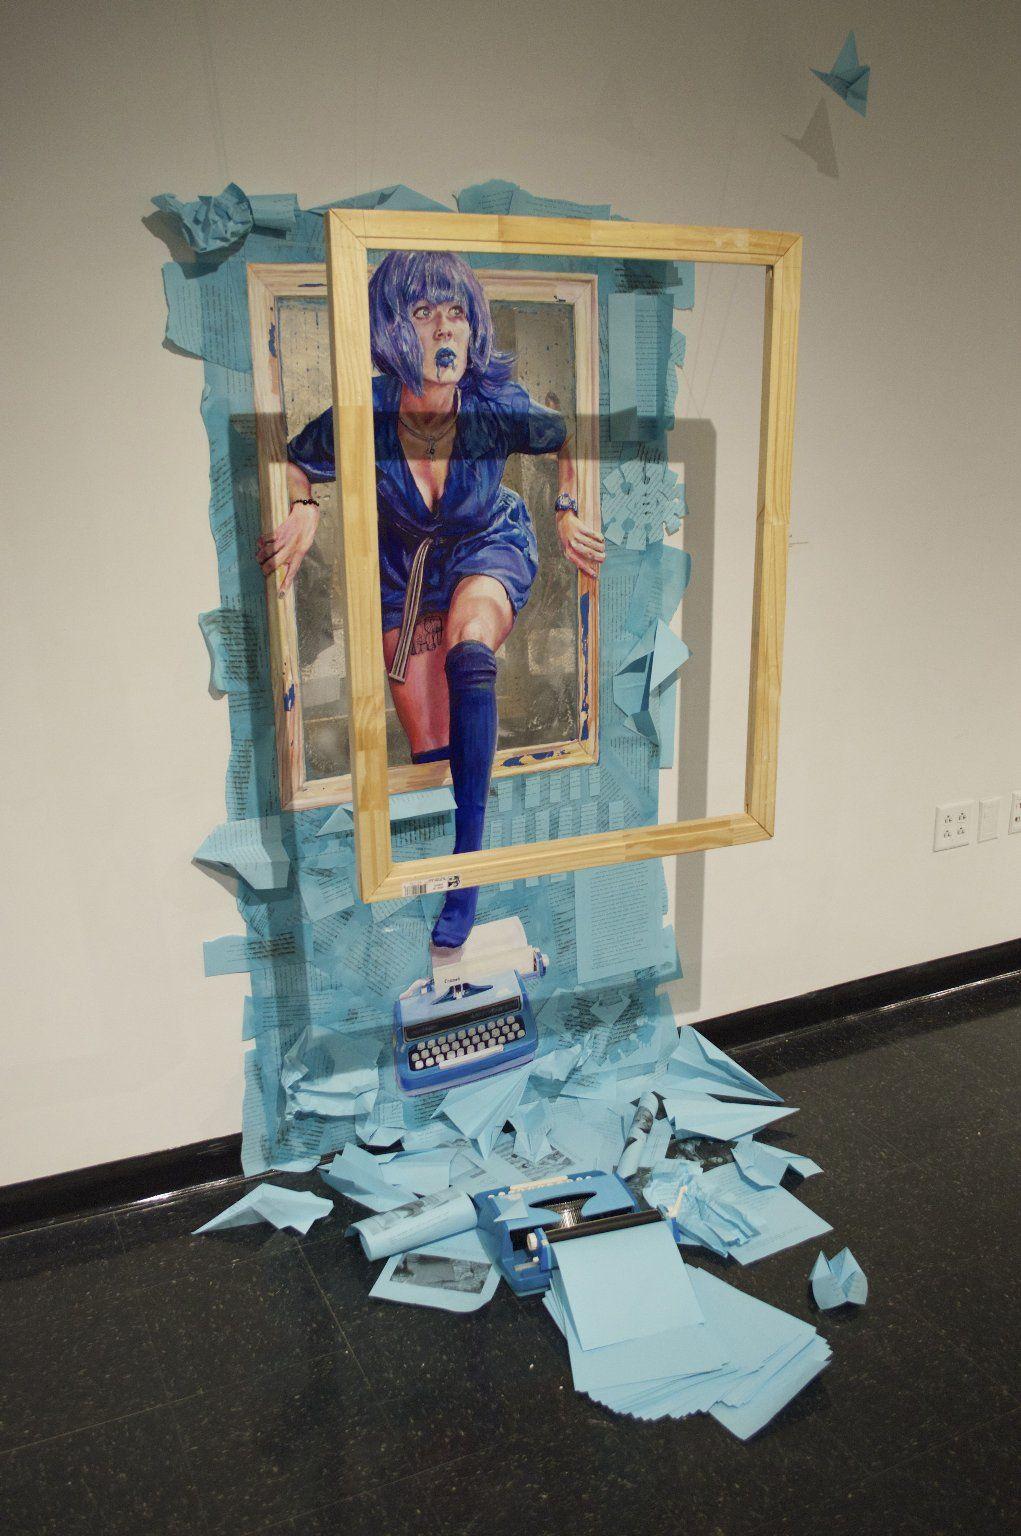 Katie Wild, 2015, UMass Dartmouth Student work, Fine art